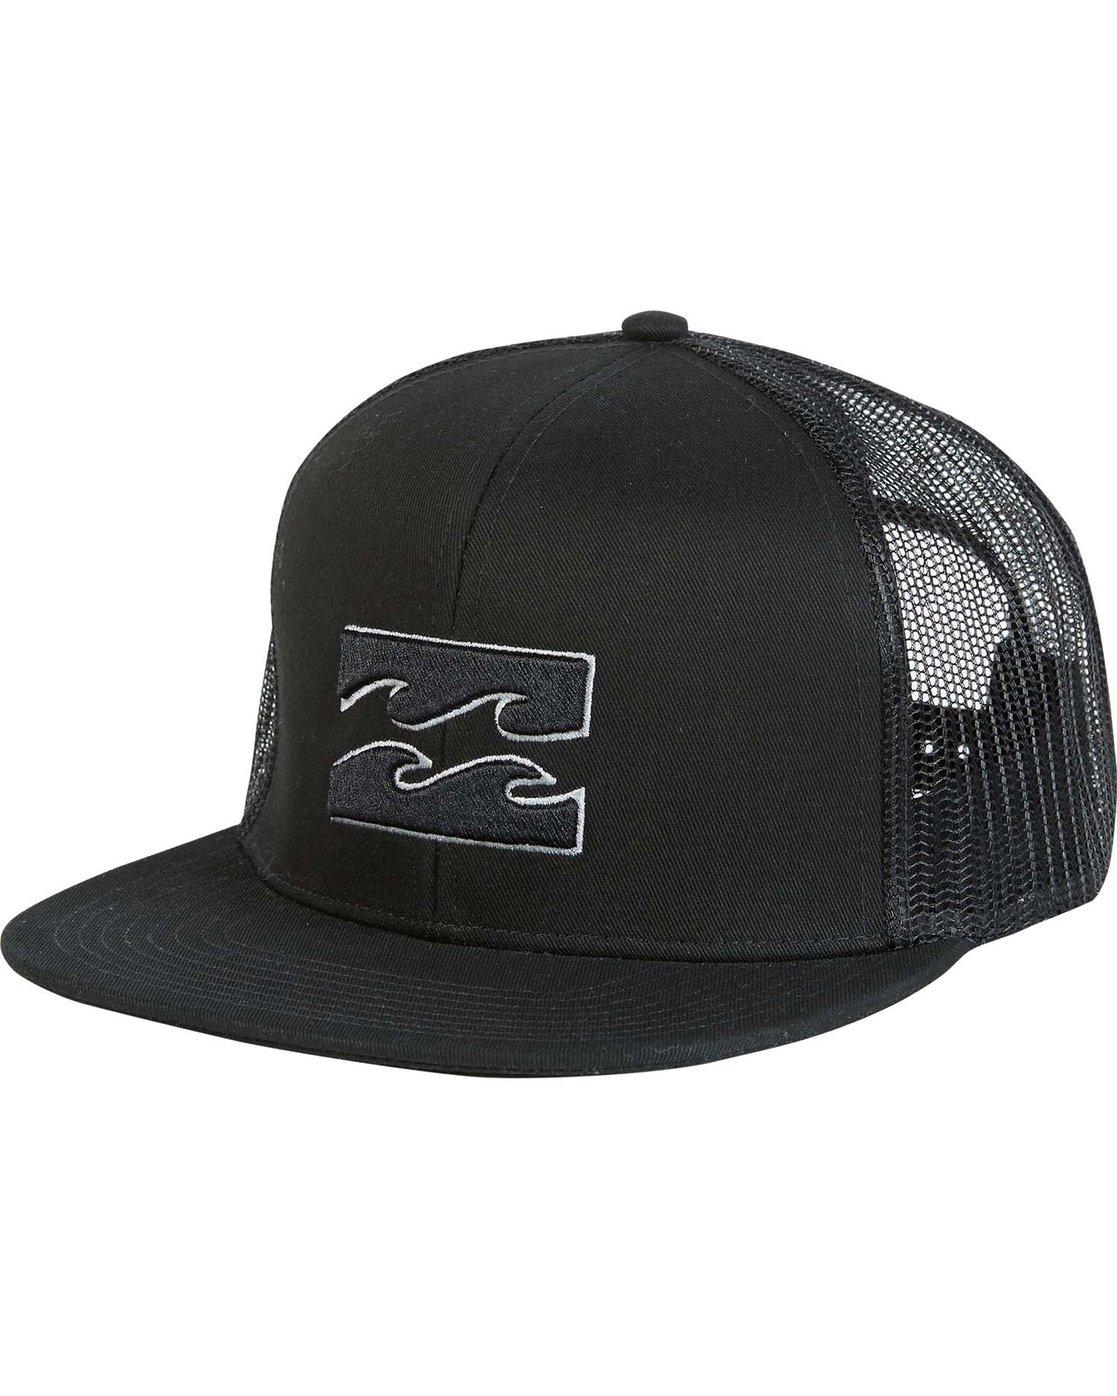 5eb0dbdbfce 0 Boys  All Day Trucker Hat Grey BAHWNBAD Billabong